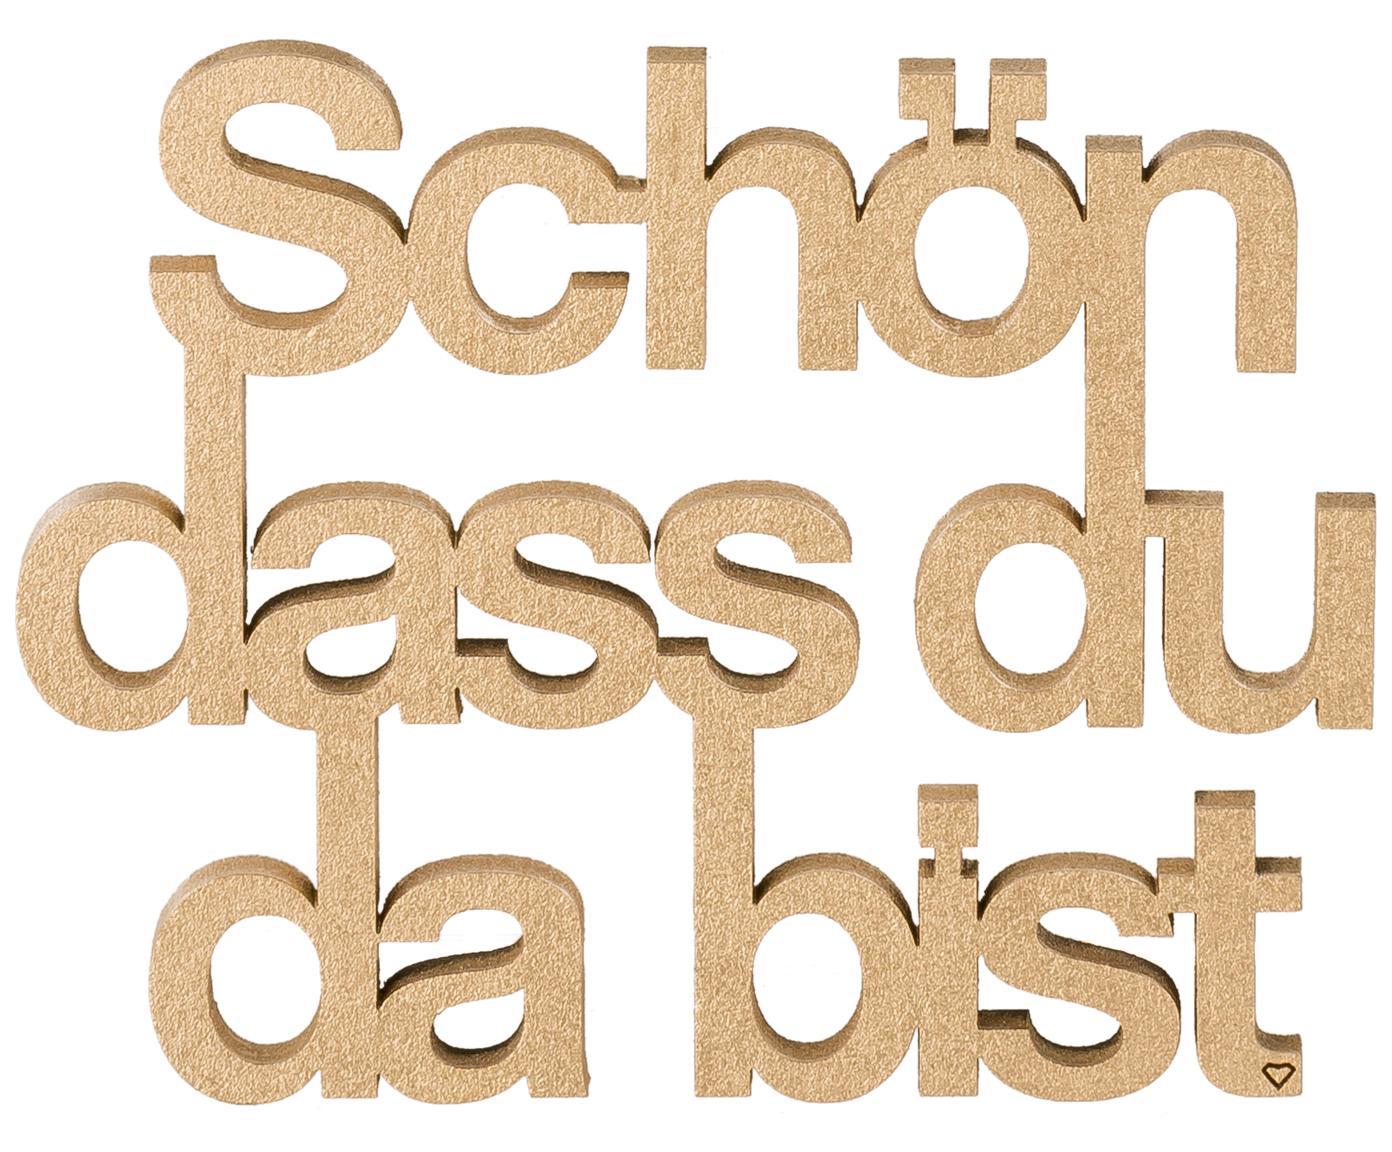 XS Wandobjekt Schön aus lackiertem Holz, Mitteldichte Faserplatte (MDF), lackiert, Goldfarben, 11 x 9 cm